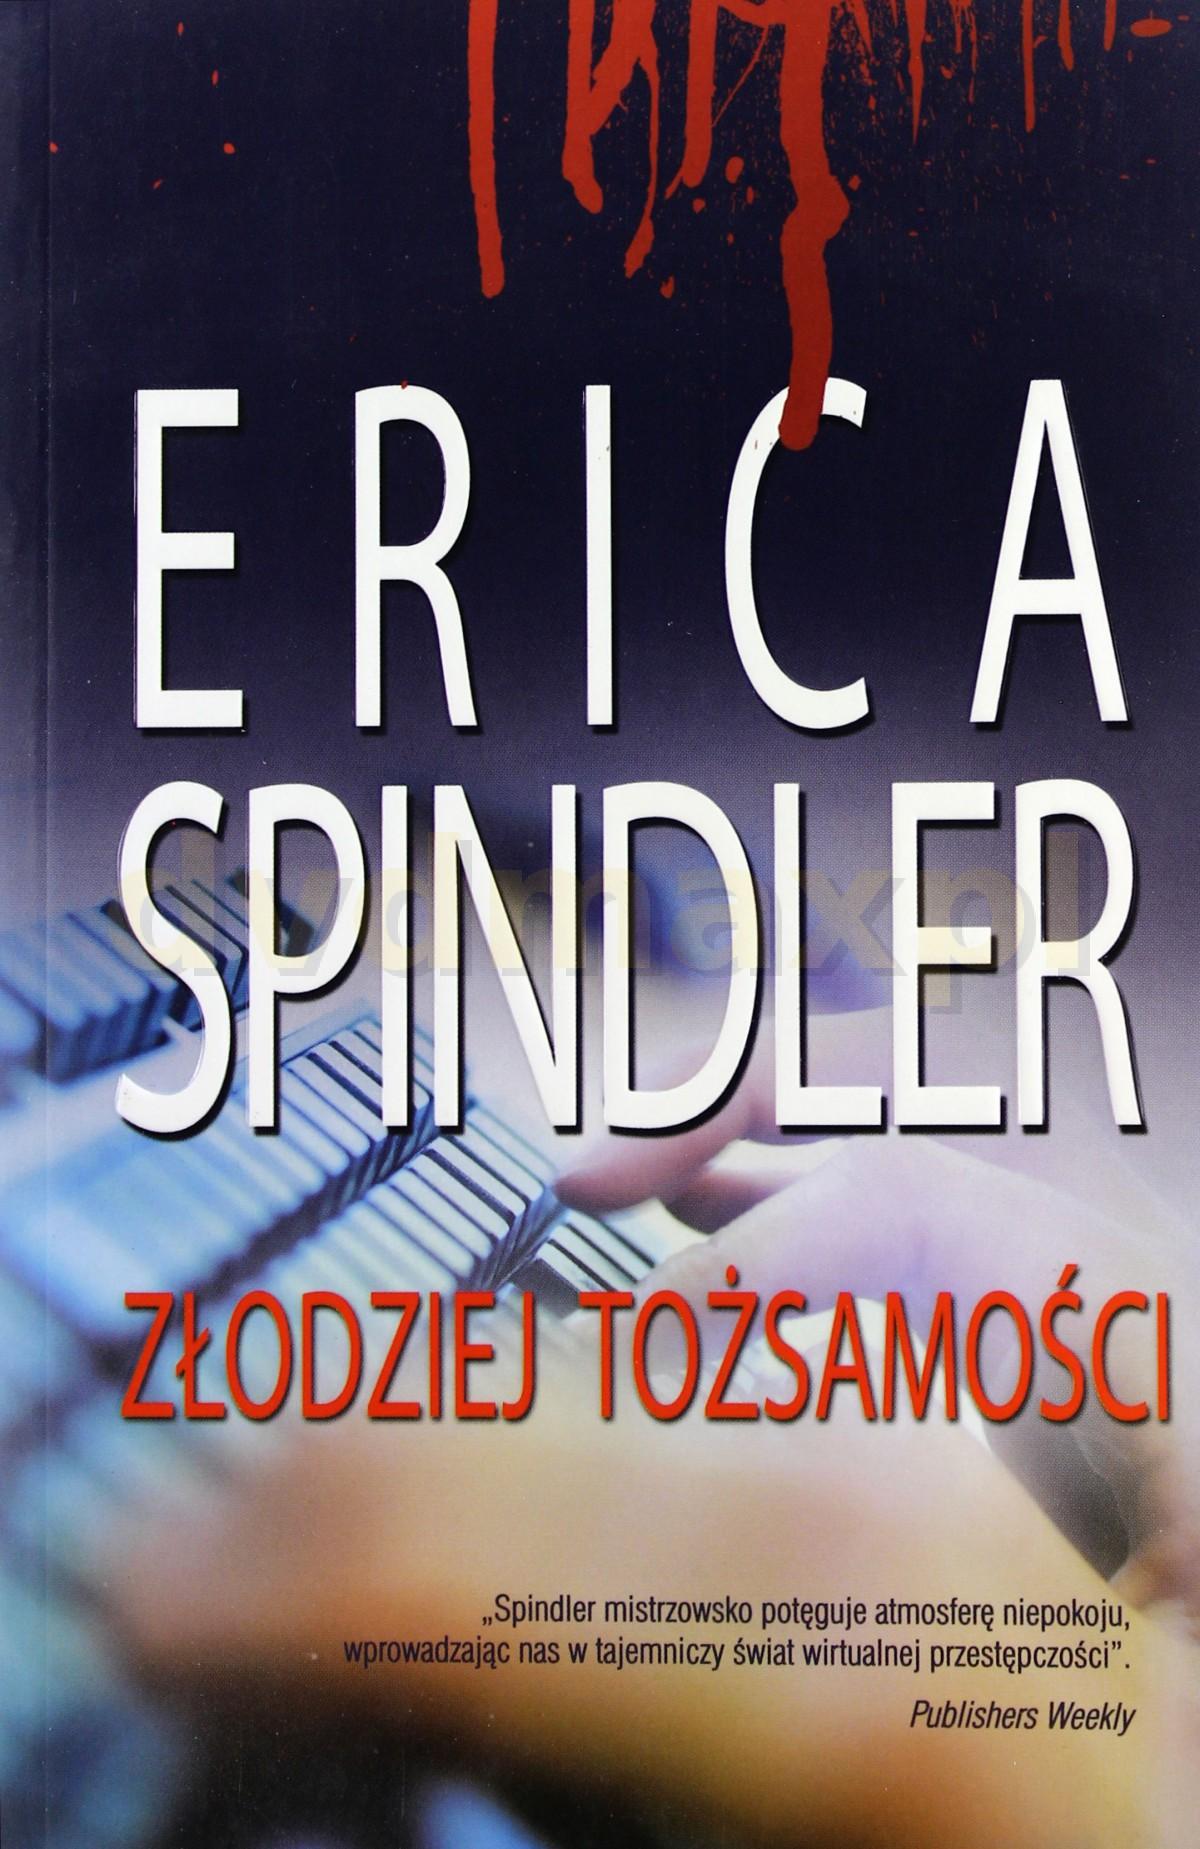 Złodziej Tożsamości - Erica Spindler [KSIĄŻKA] - Erica Spindler